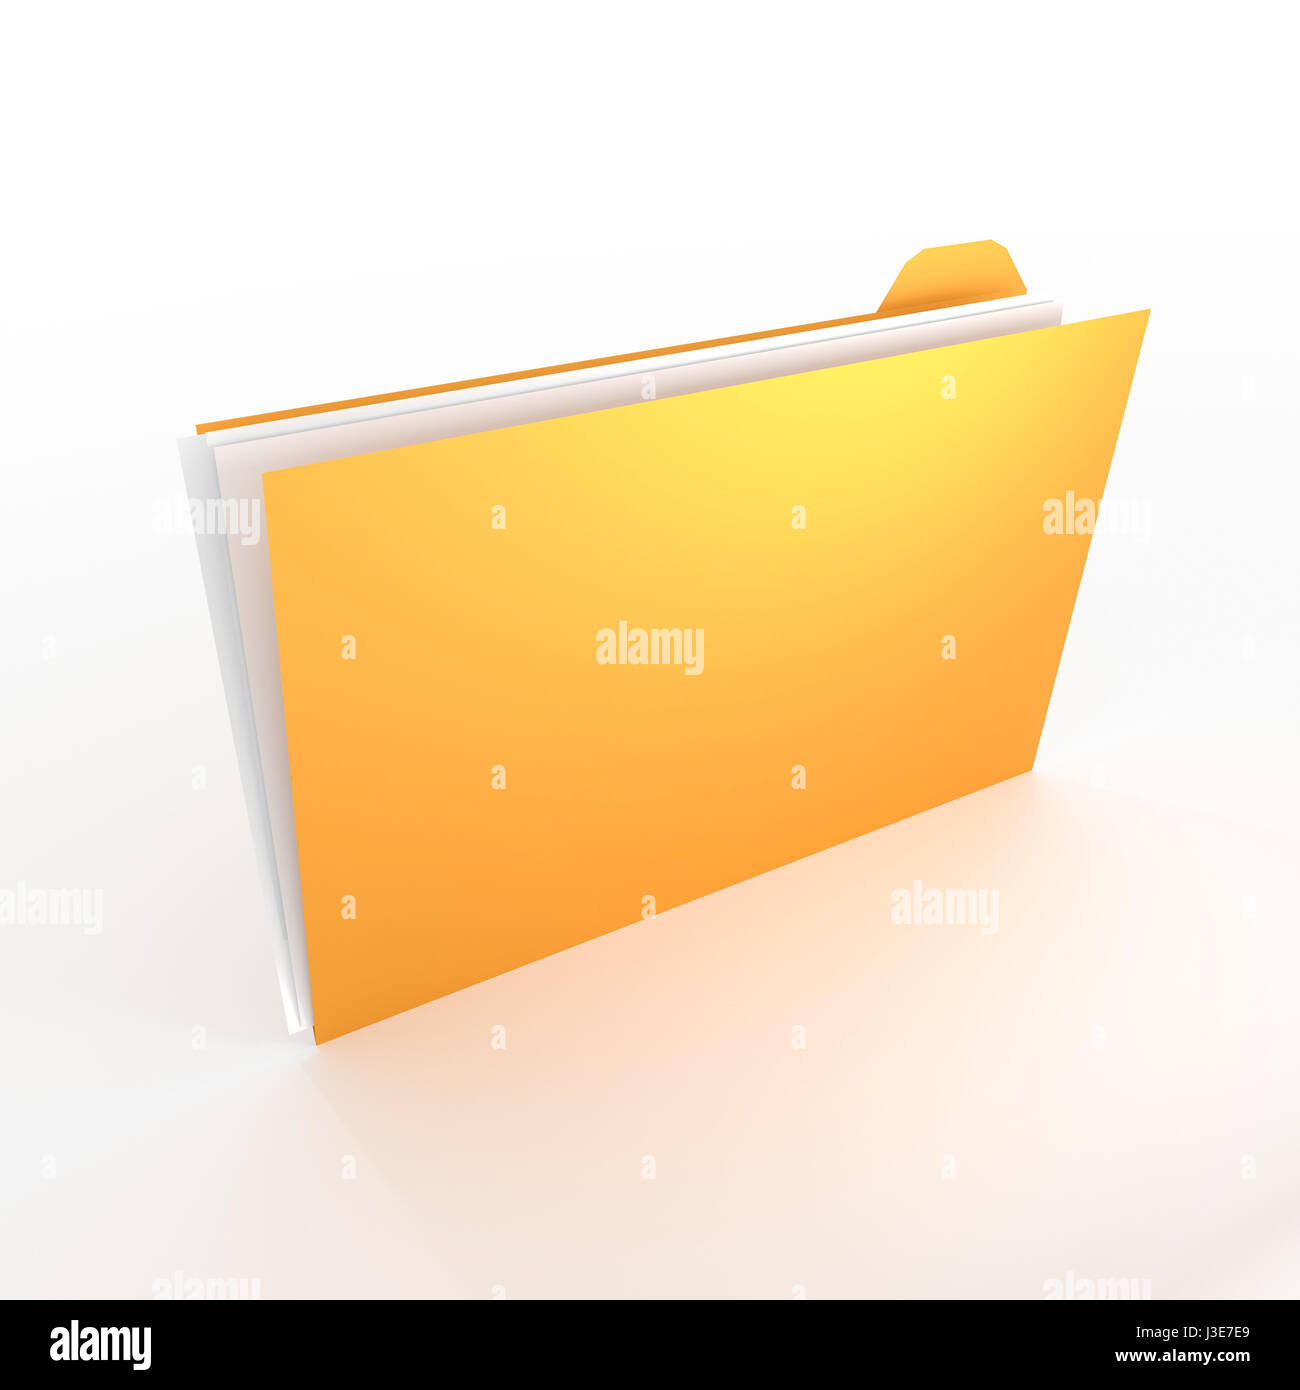 3D concetto cartella - grande per argomenti come office, documenti, dati, ricerca ecc. Immagini Stock